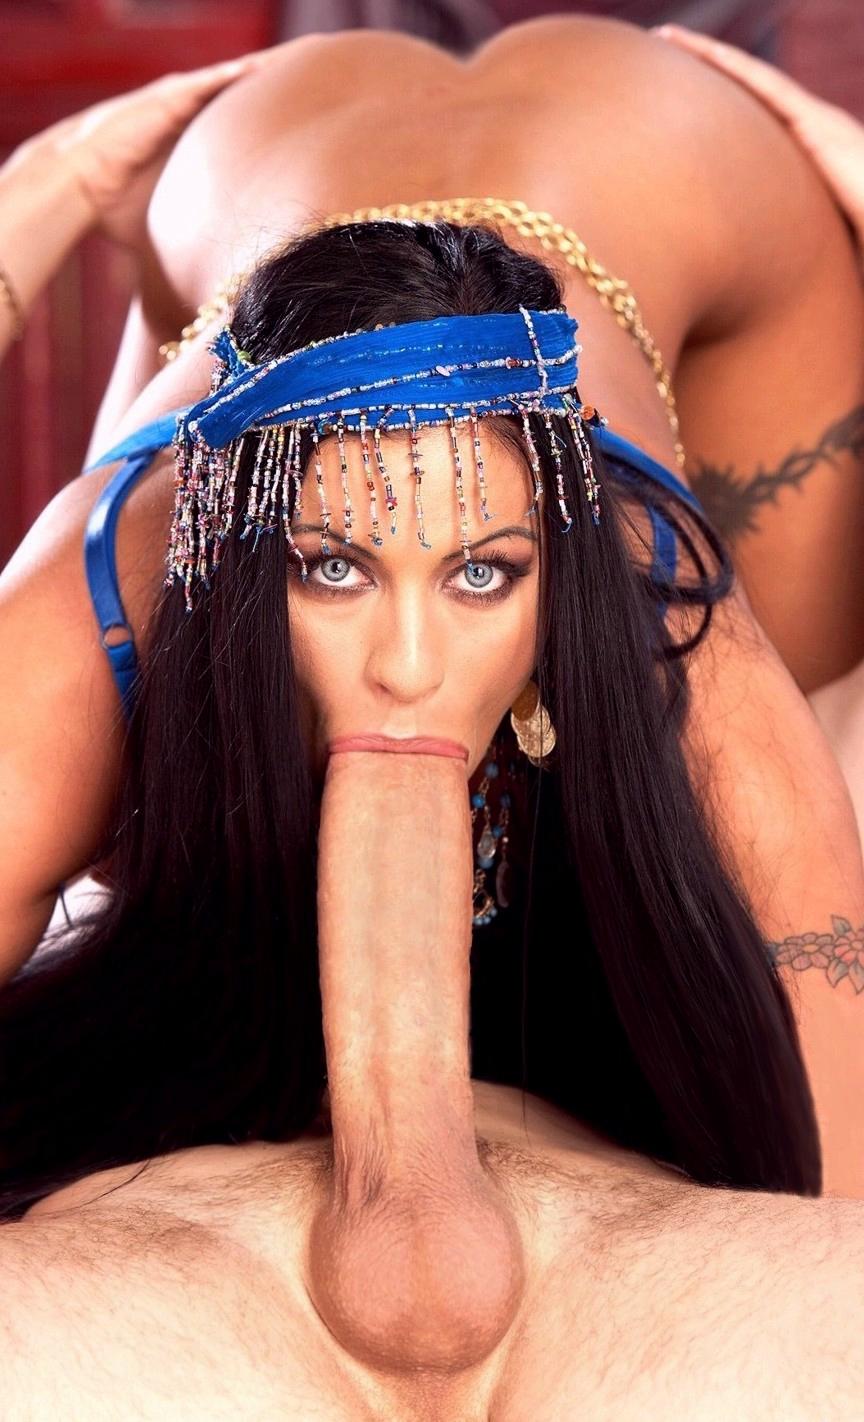 Gypsy sexy sex porn jerk pussy shy